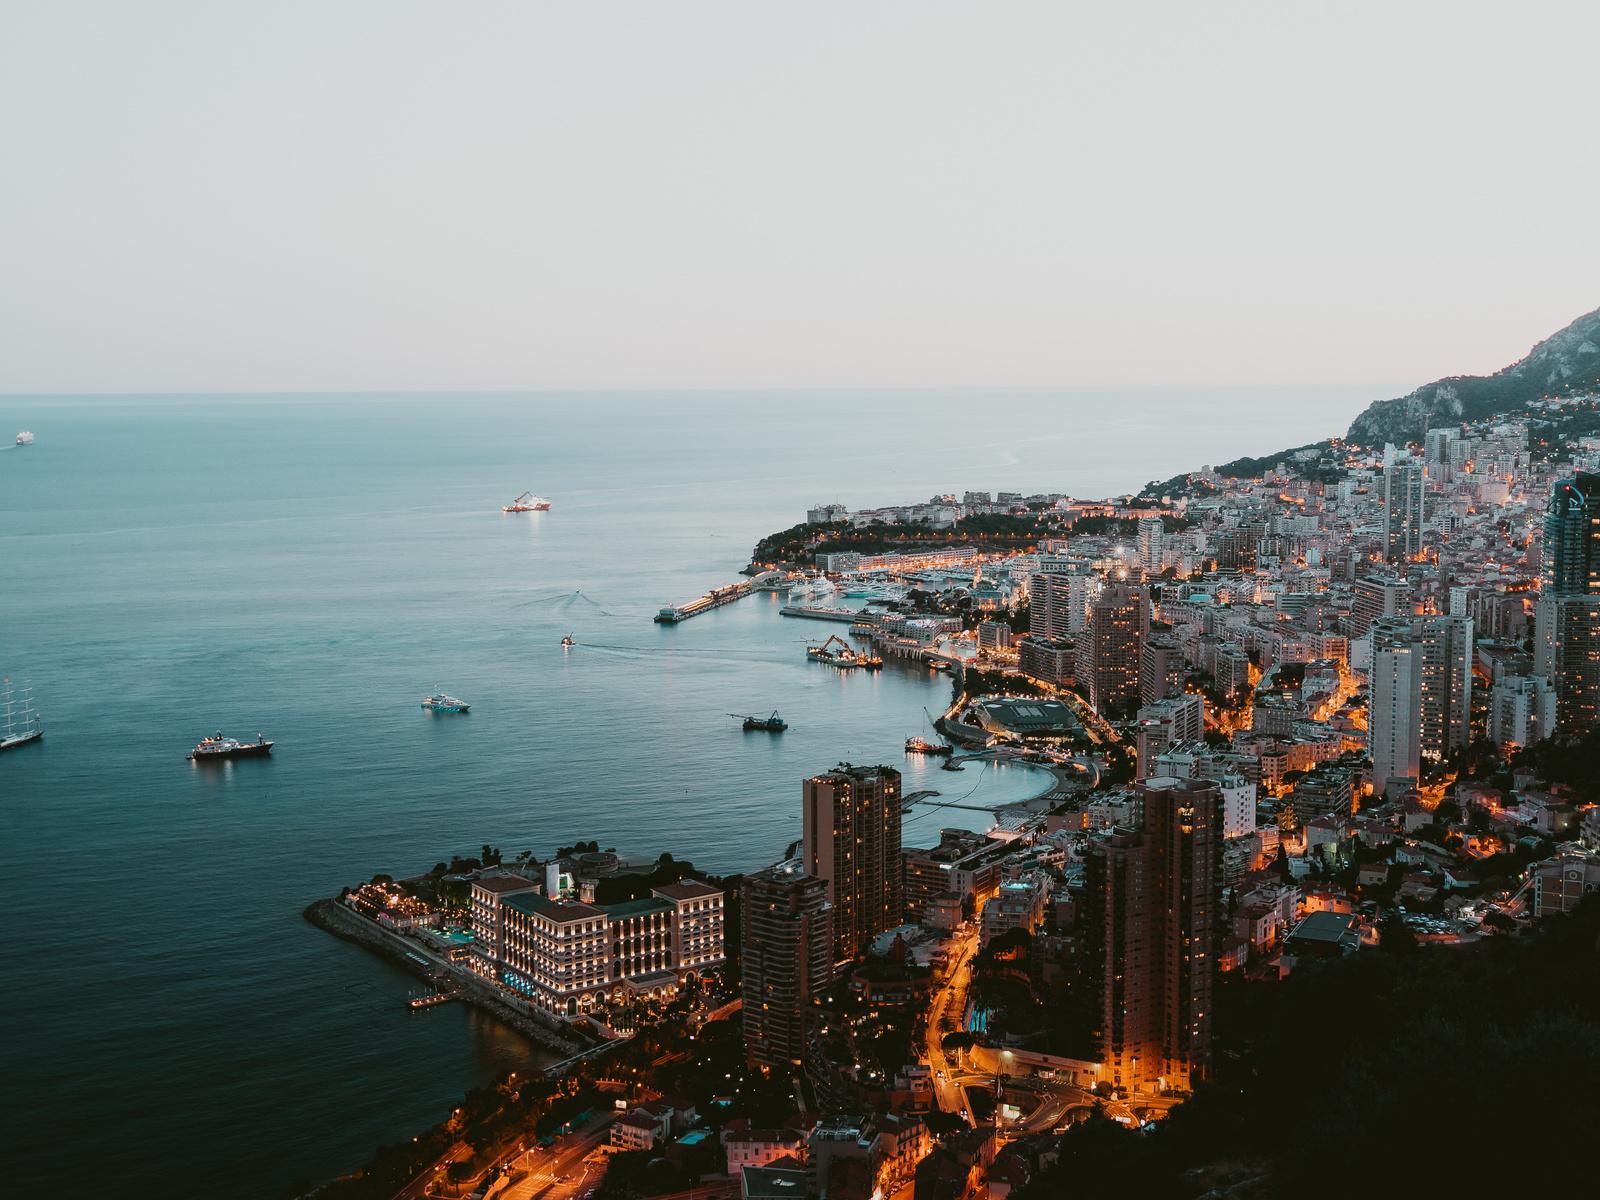 монако, побережье, дома, монте-карло, корабли, утро, сверху, город